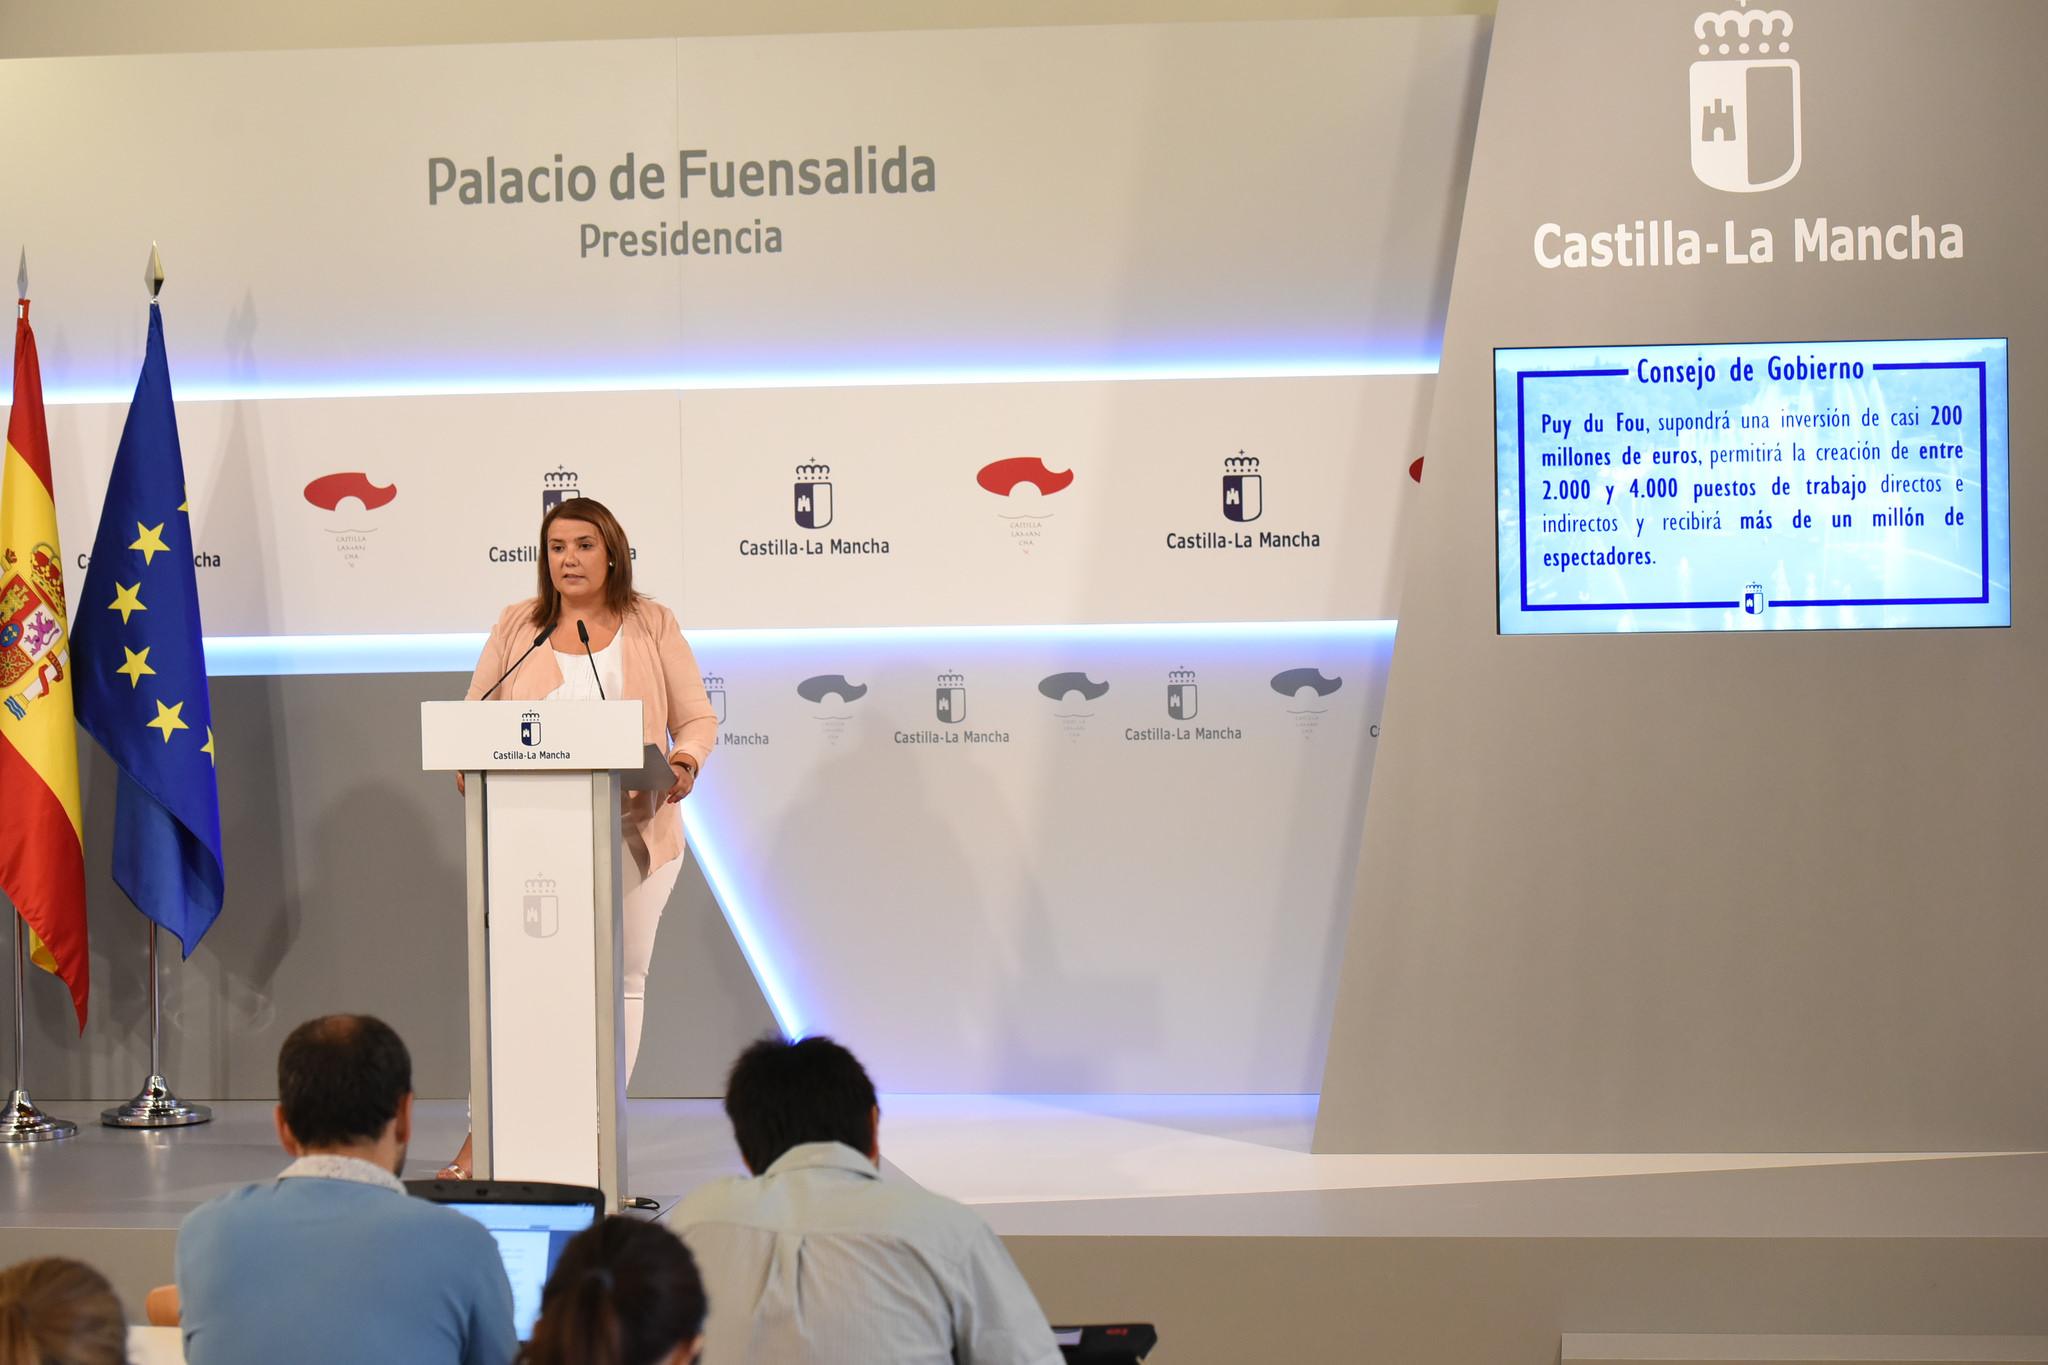 La consejera de fomento agustina garc a lez durante la for Sala 0 palacio de la prensa